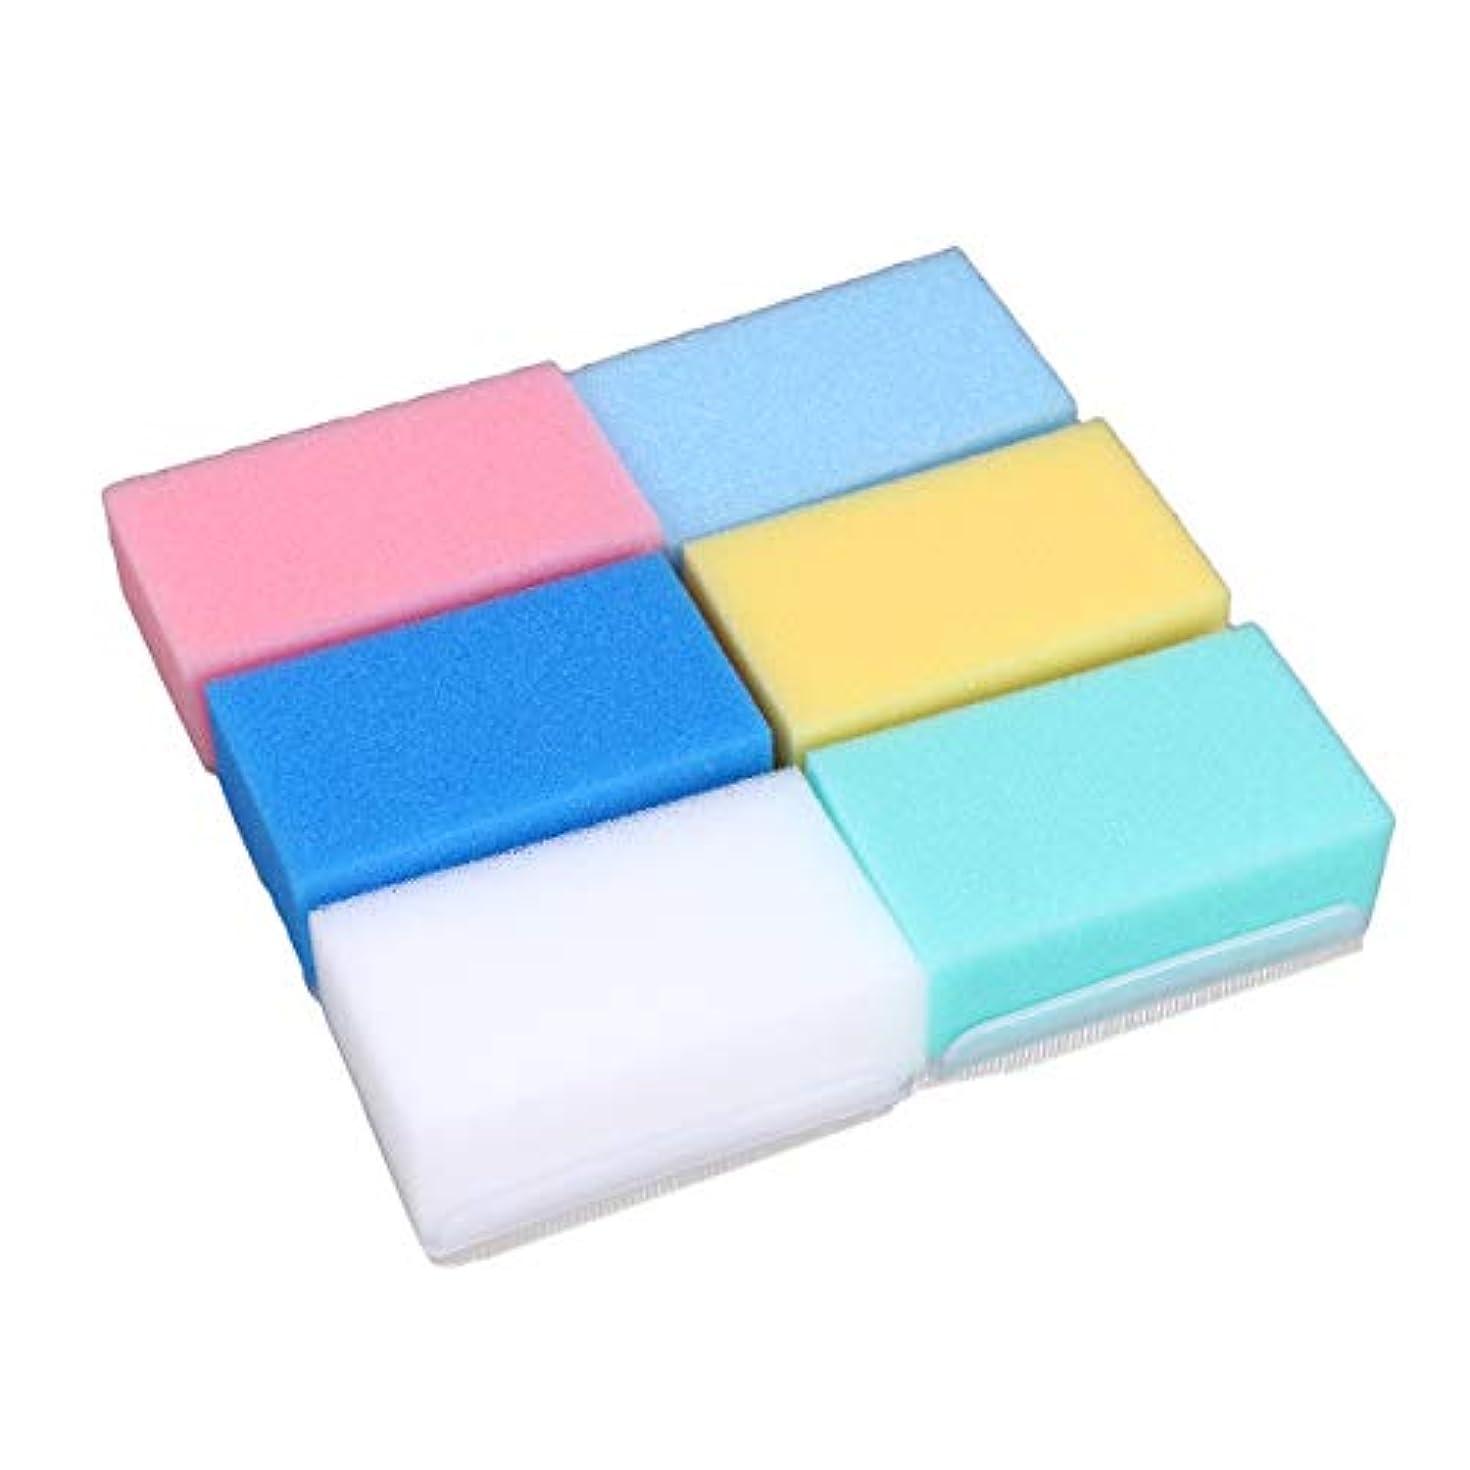 骨シンジケート分HEALIFTY 6本入浴ボディウォッシュブラシ柔らかい触覚感覚統合トレーニング乳児新生児のためのバスブラシバススポンジ(6色)